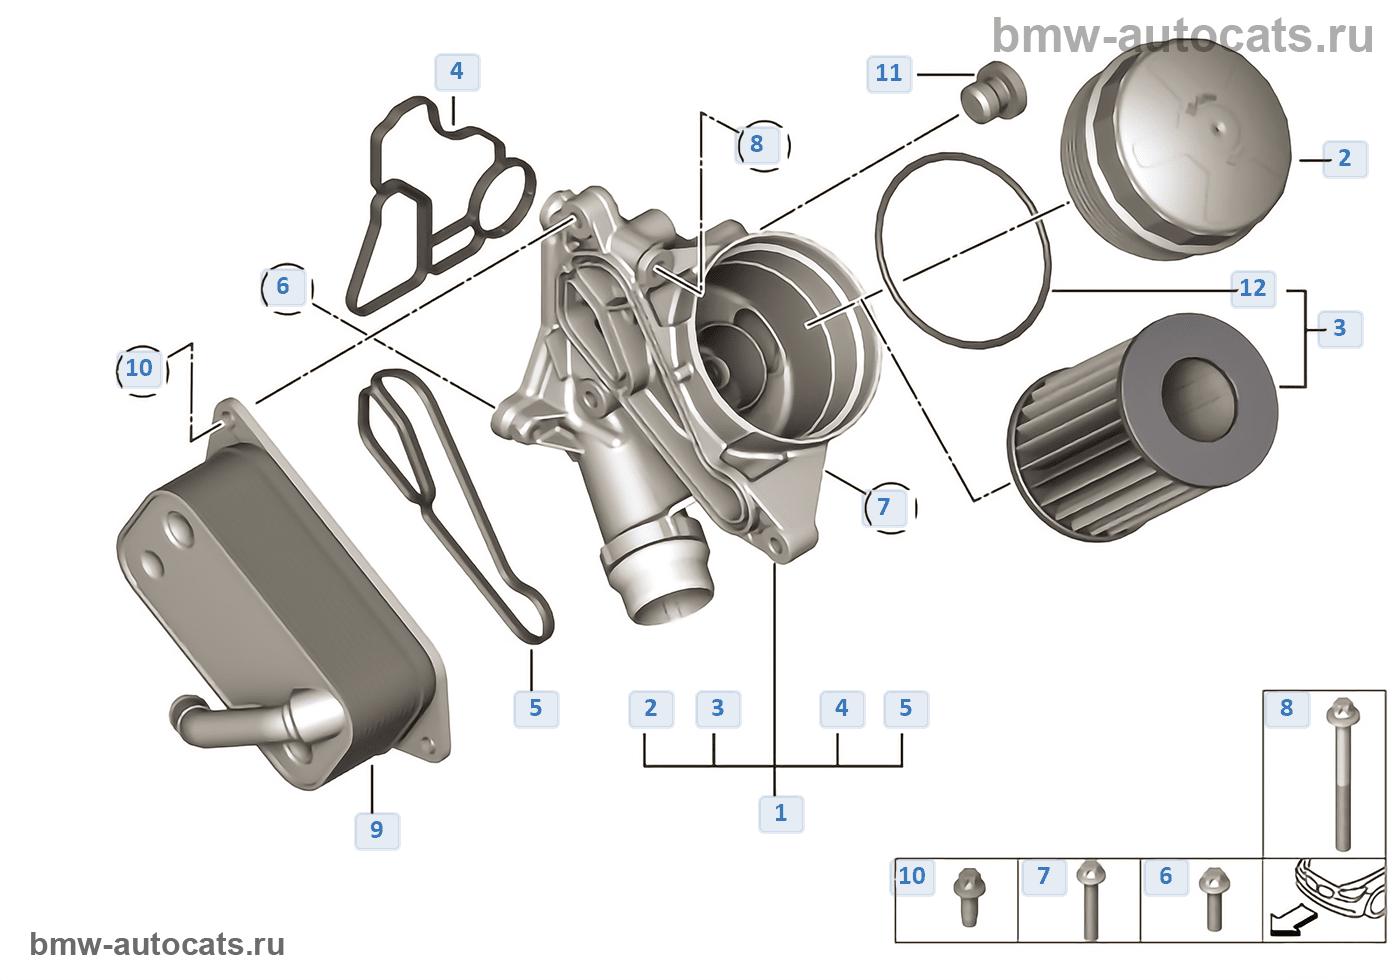 Теплообменник bmw n20 Пластинчатый теплообменник Tranter GD-016 P Елец